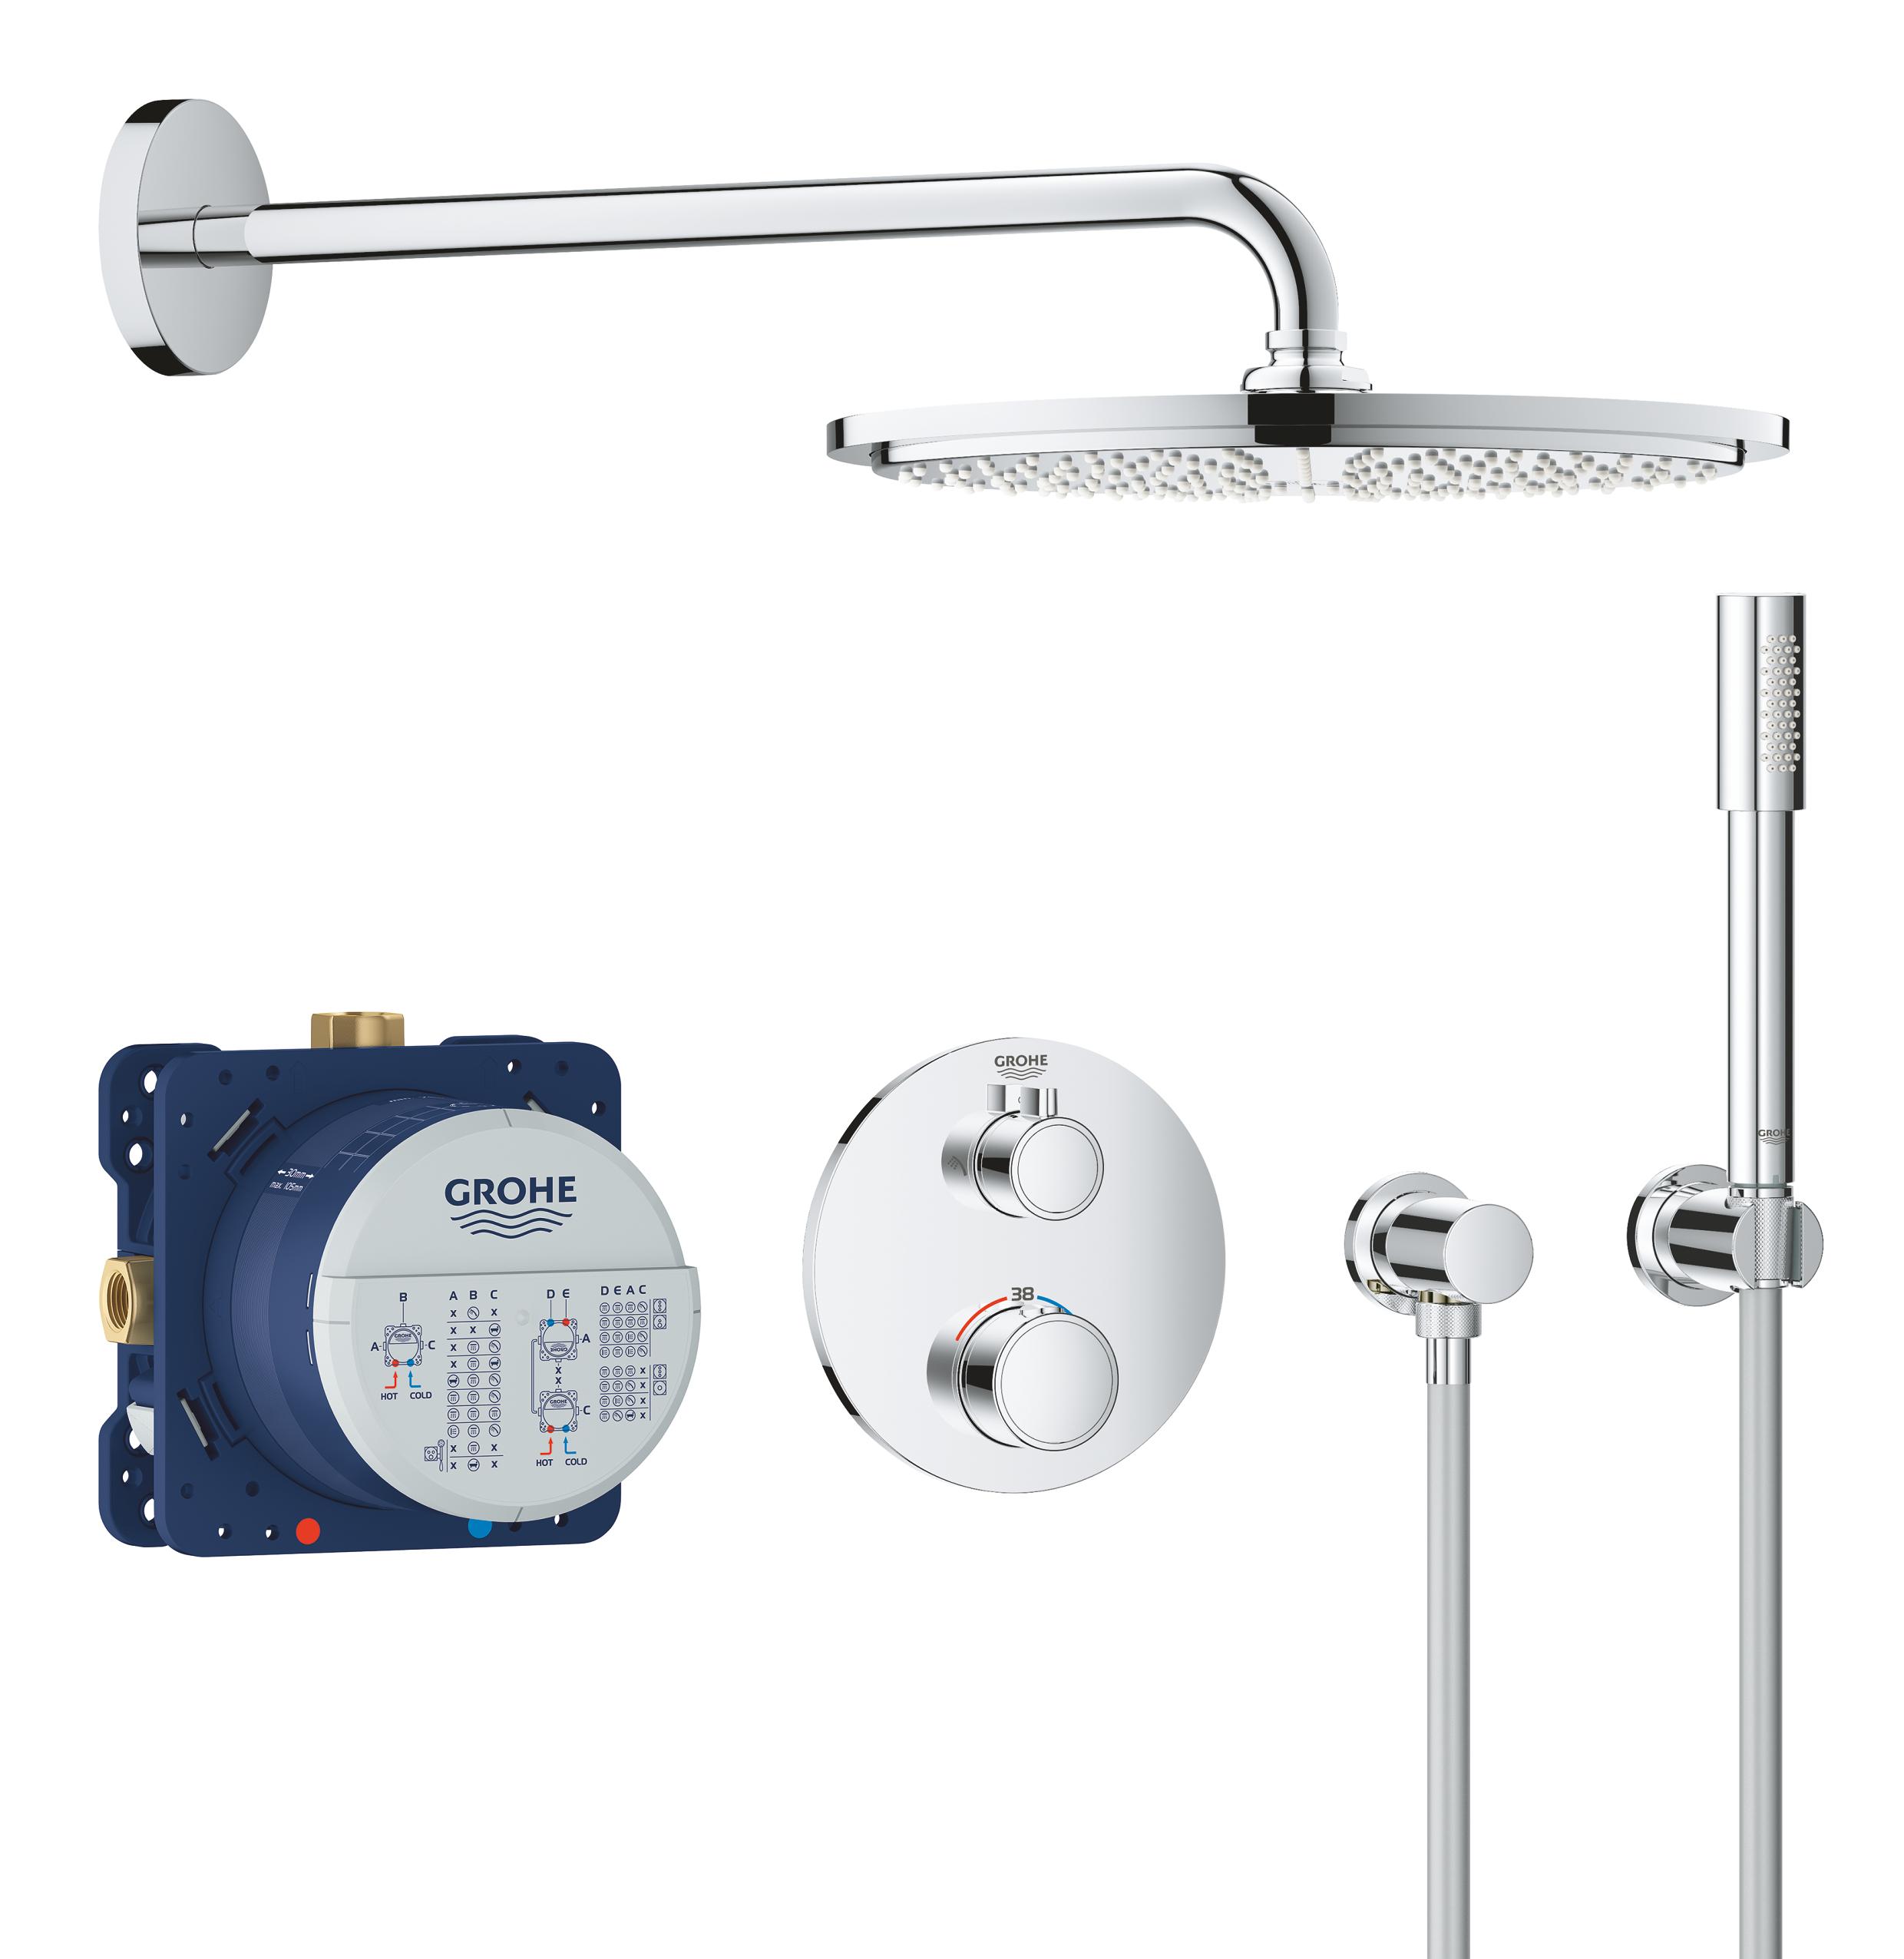 Набор для комплектации душа GROHE Grohtherm: встраиваемый термостат с переключателем верхний-ручной душ, круглая розетка, верхний душ RSH Cosmo 310 с кронштейном, ручной душ Sena с подключением и шлангом, хром (34731000)